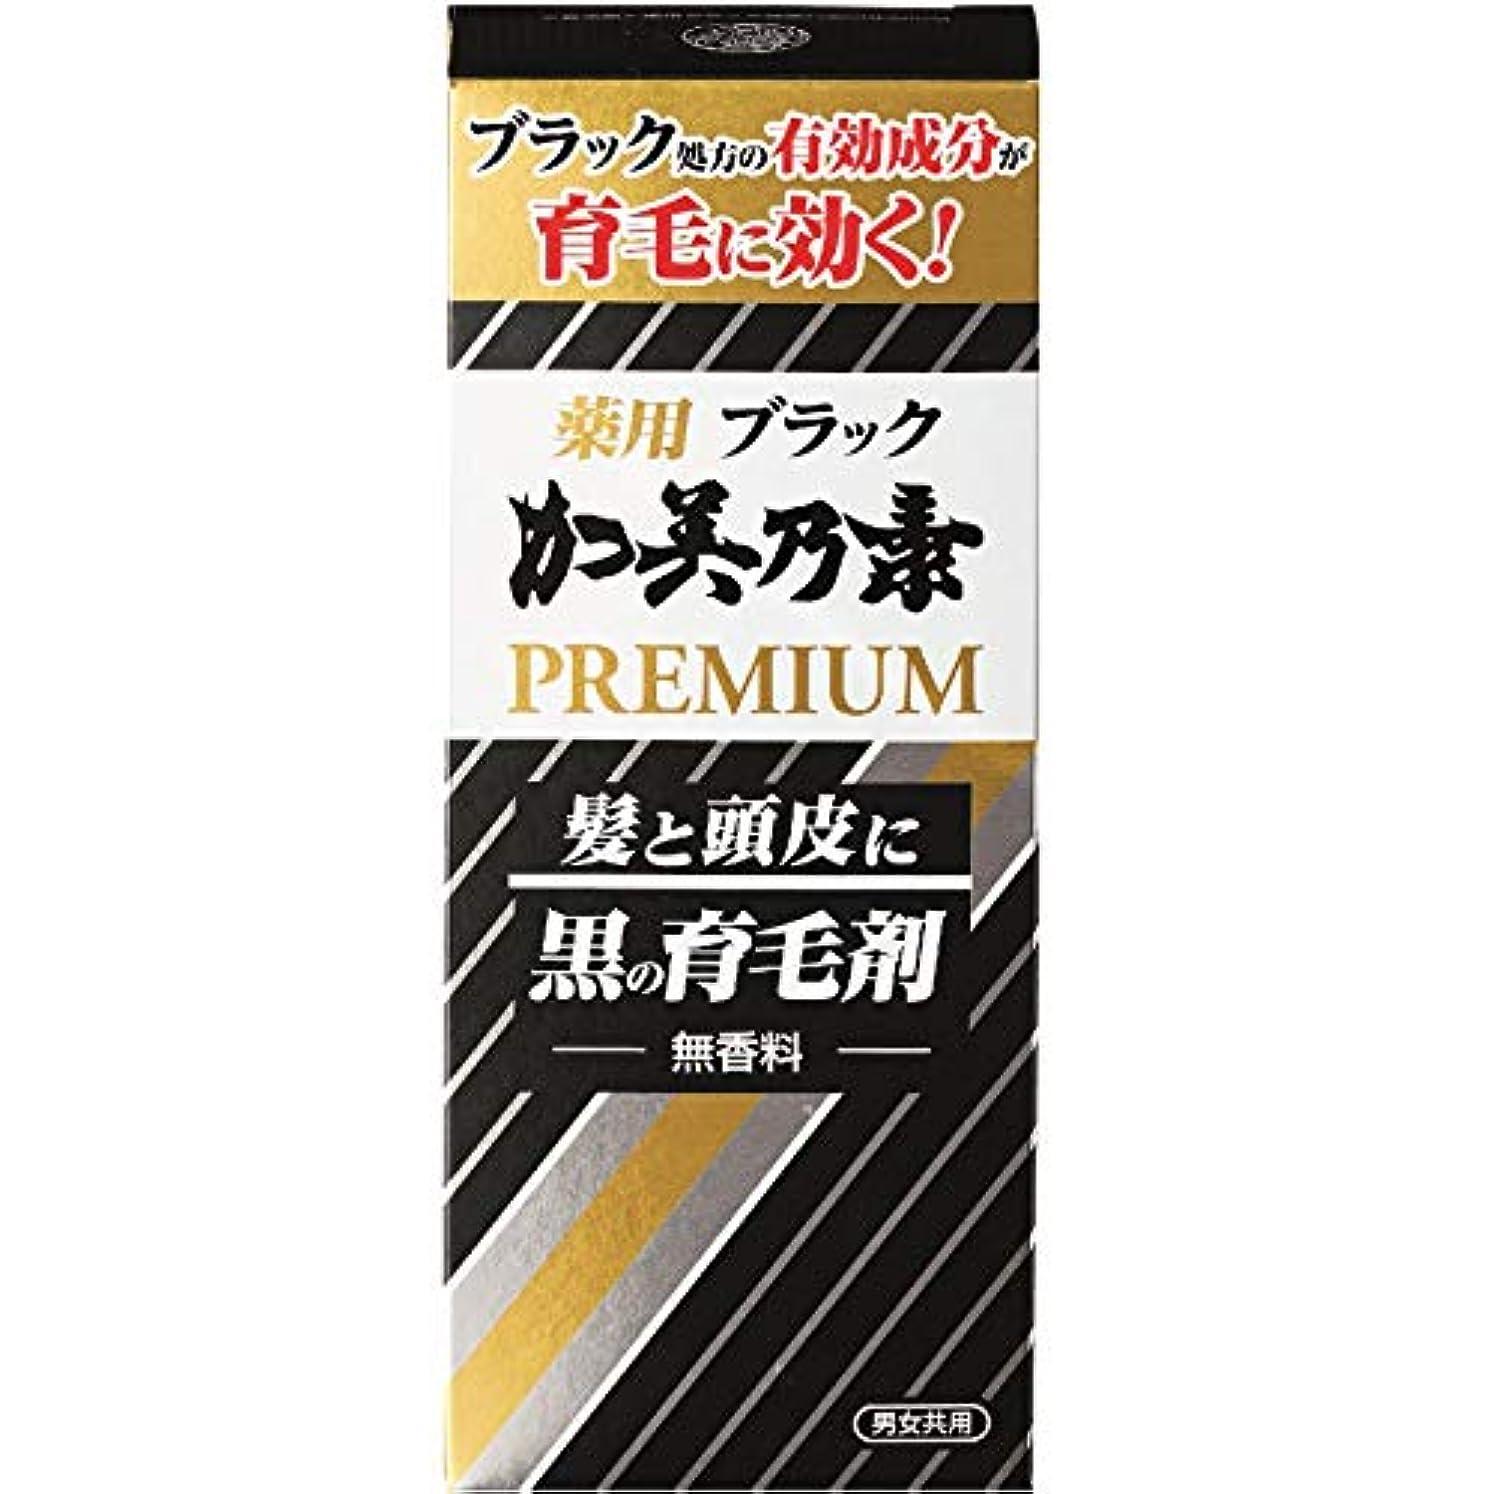 スズメバチエリート製作薬用ブラック加美乃素 PREMIUM 180ml